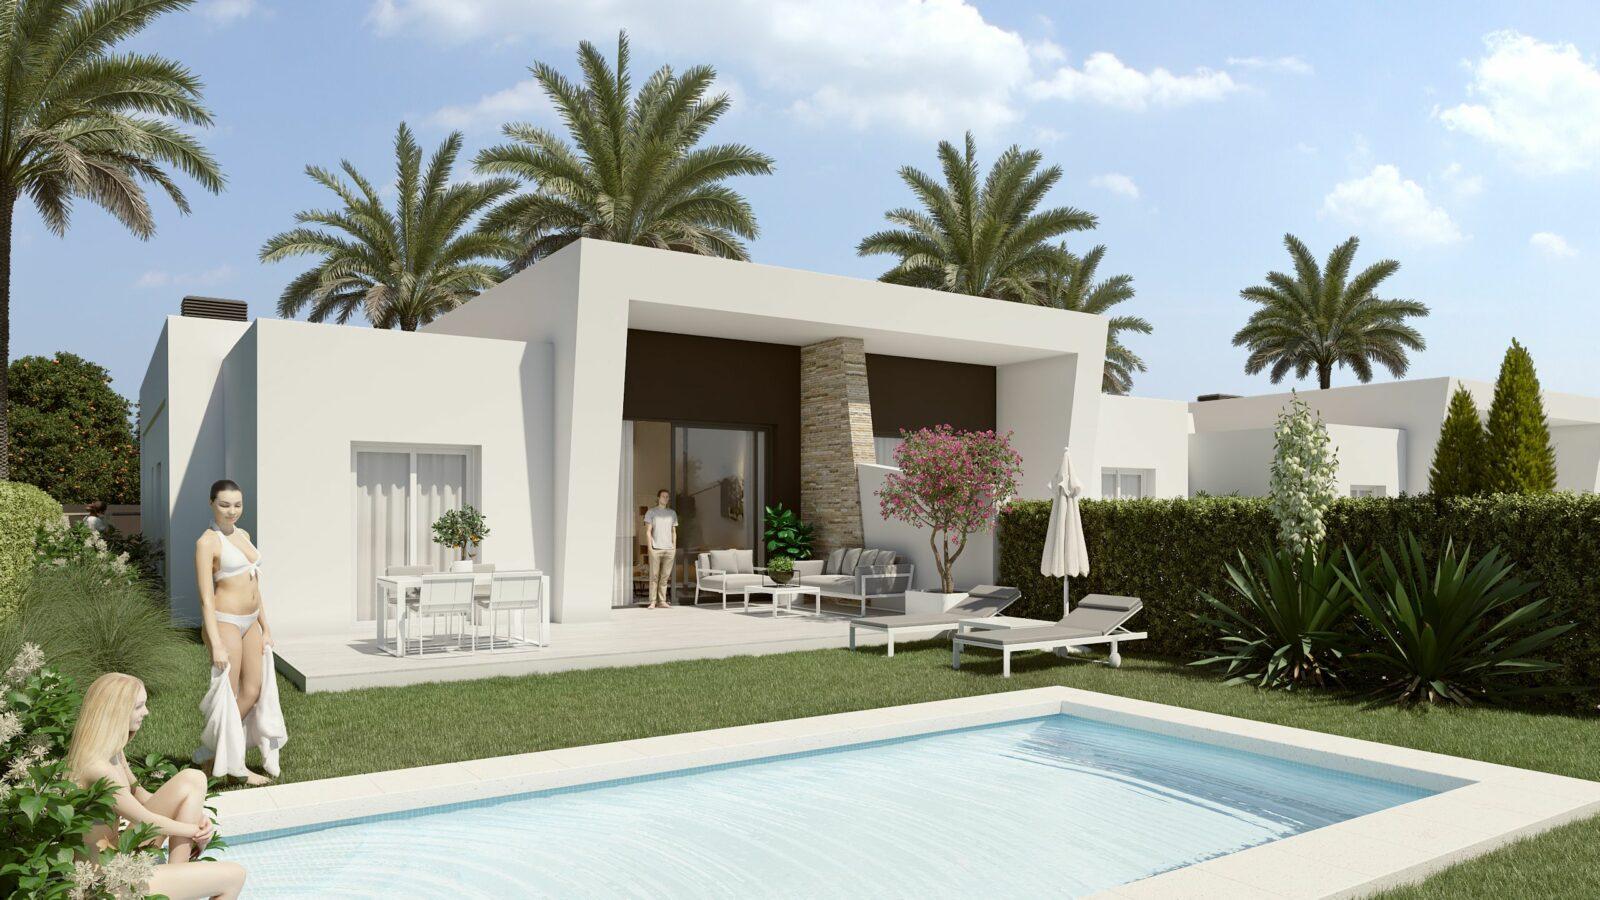 NEW PROJECT Semi-Detached One Level Villas in La Finca Golf, Algorfa